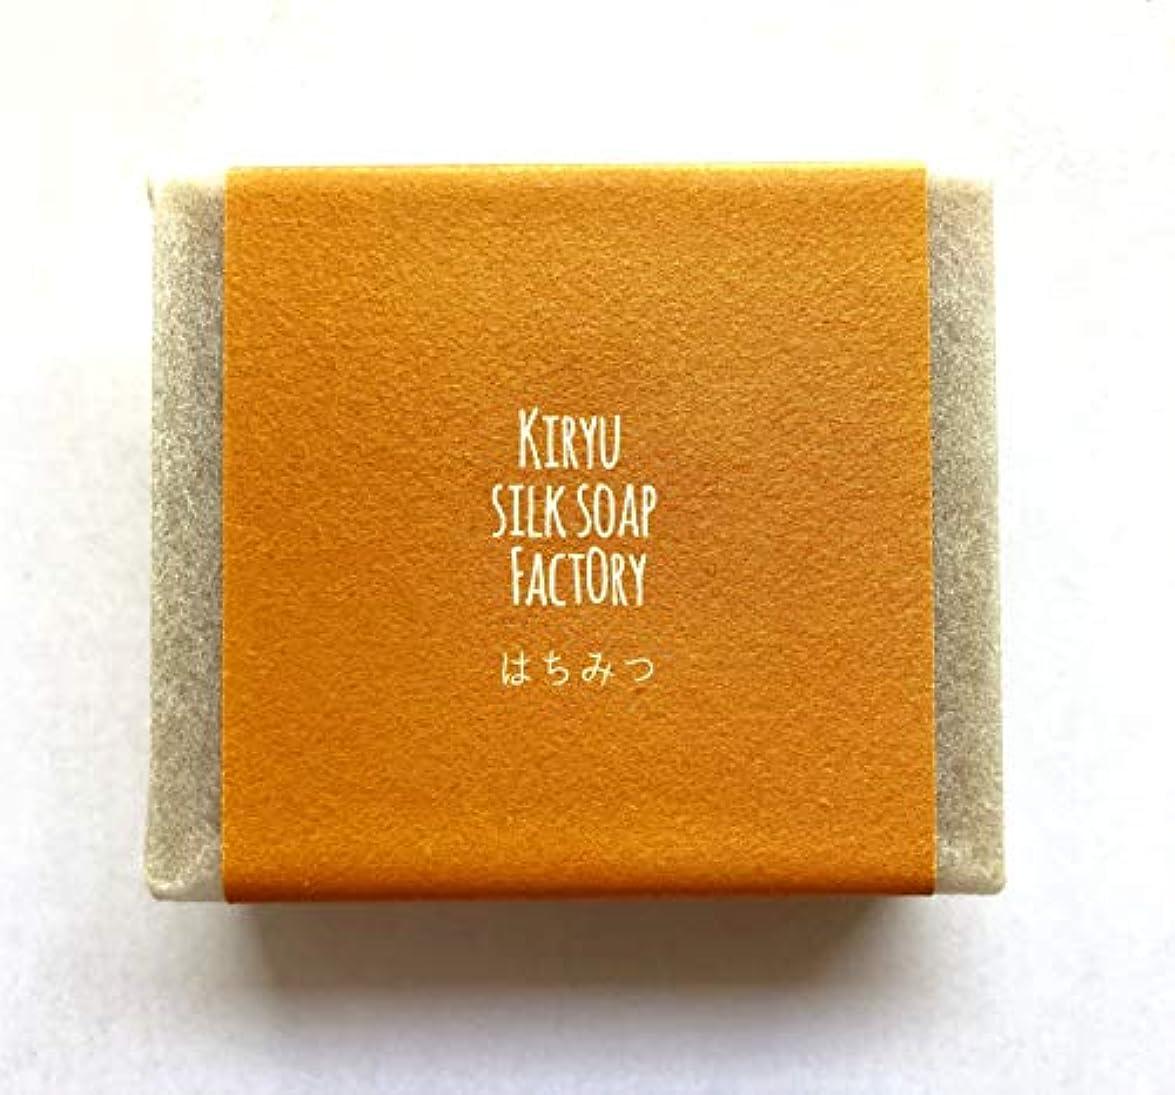 赤外線機関ヘッジ桐生絹せっけん工房 なま絹手練り石けん (無添加 コールドプロセス製法) (はちみつ, 90g)